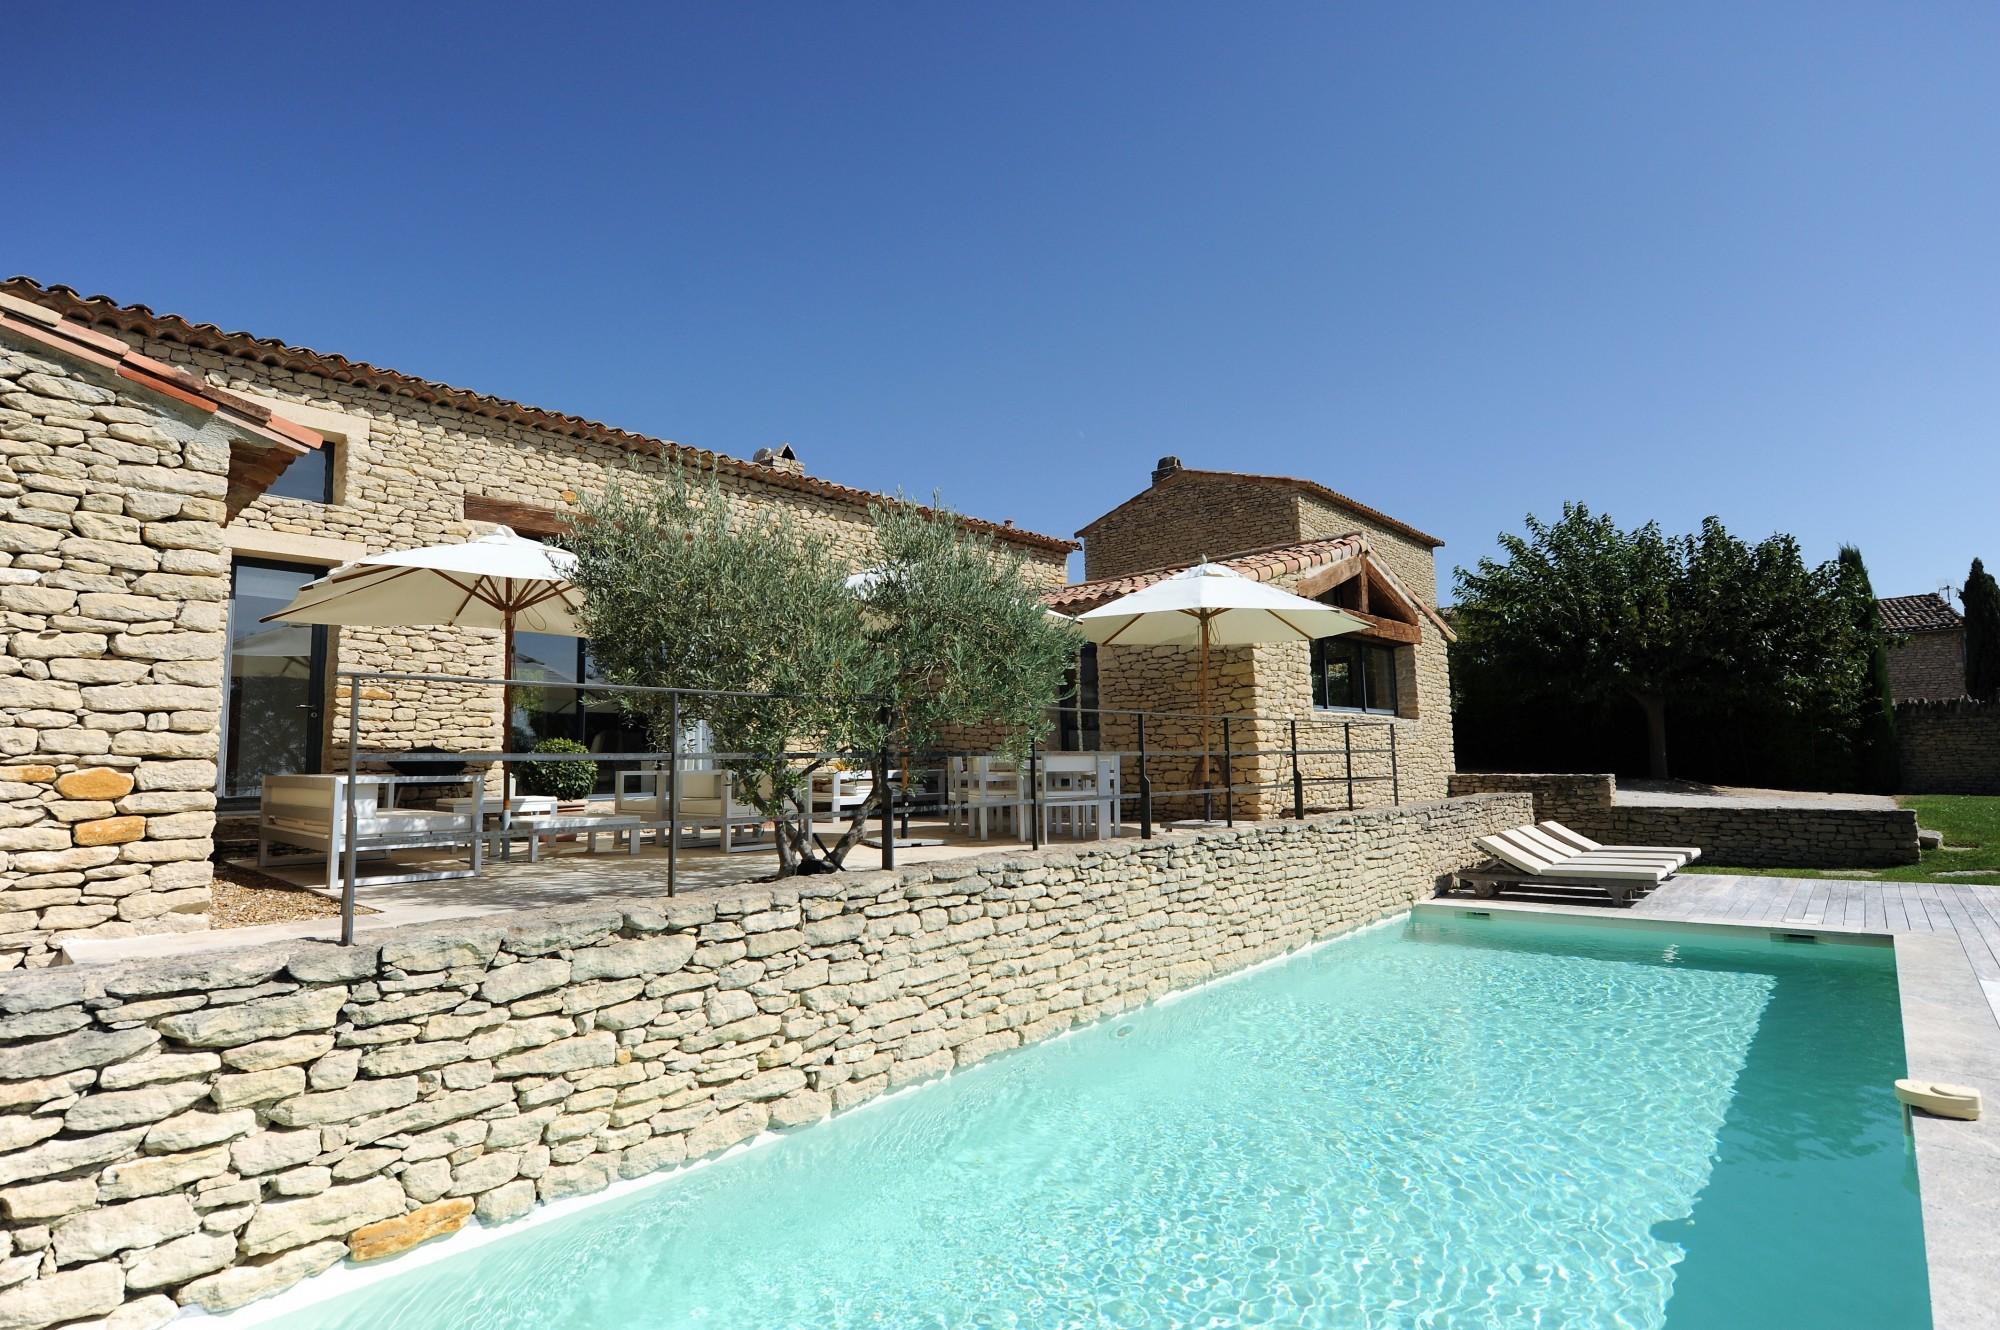 En Luberon, en vente, ensemble immobilier en pierres avec maison d'amis et deux piscines sur 2000 m²